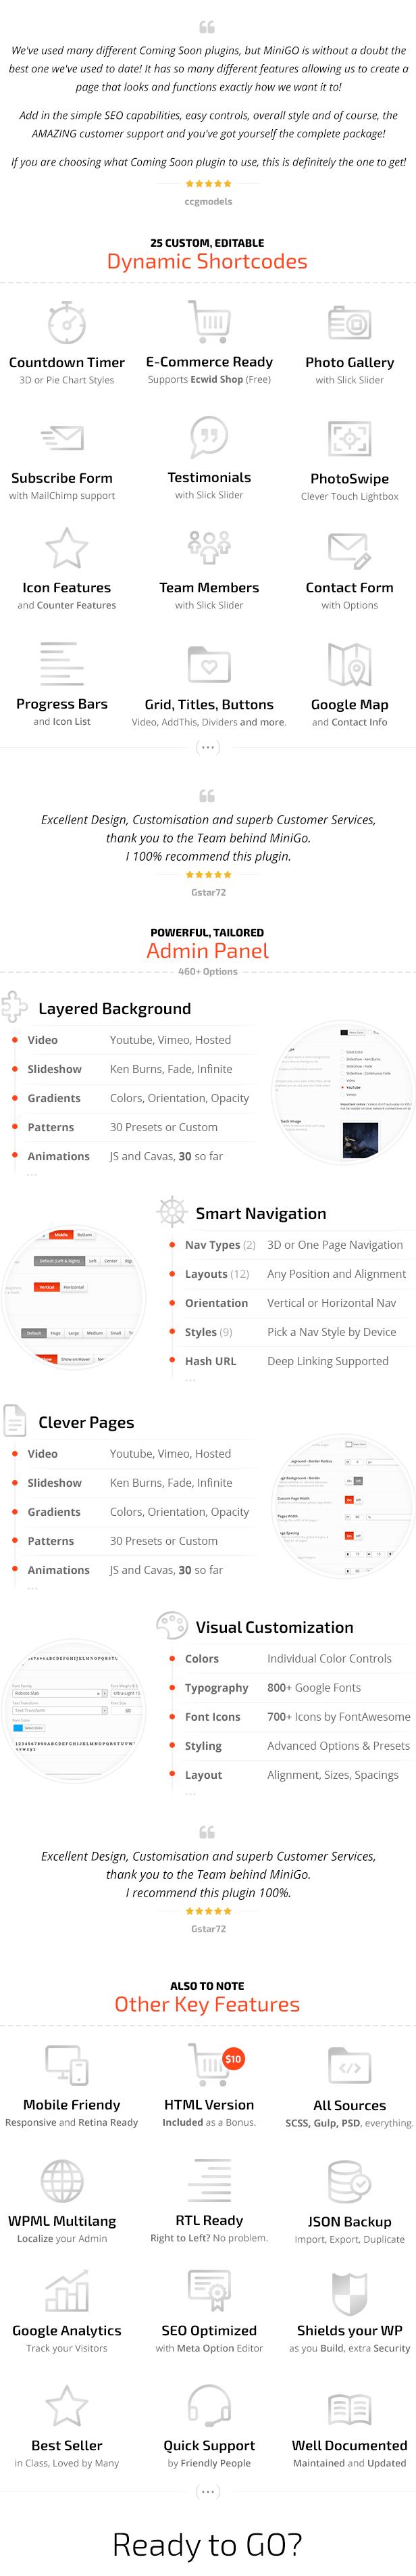 MiniGO - Luxury Mini Site Multi-Purpose Placeholder WP Plugin - 25